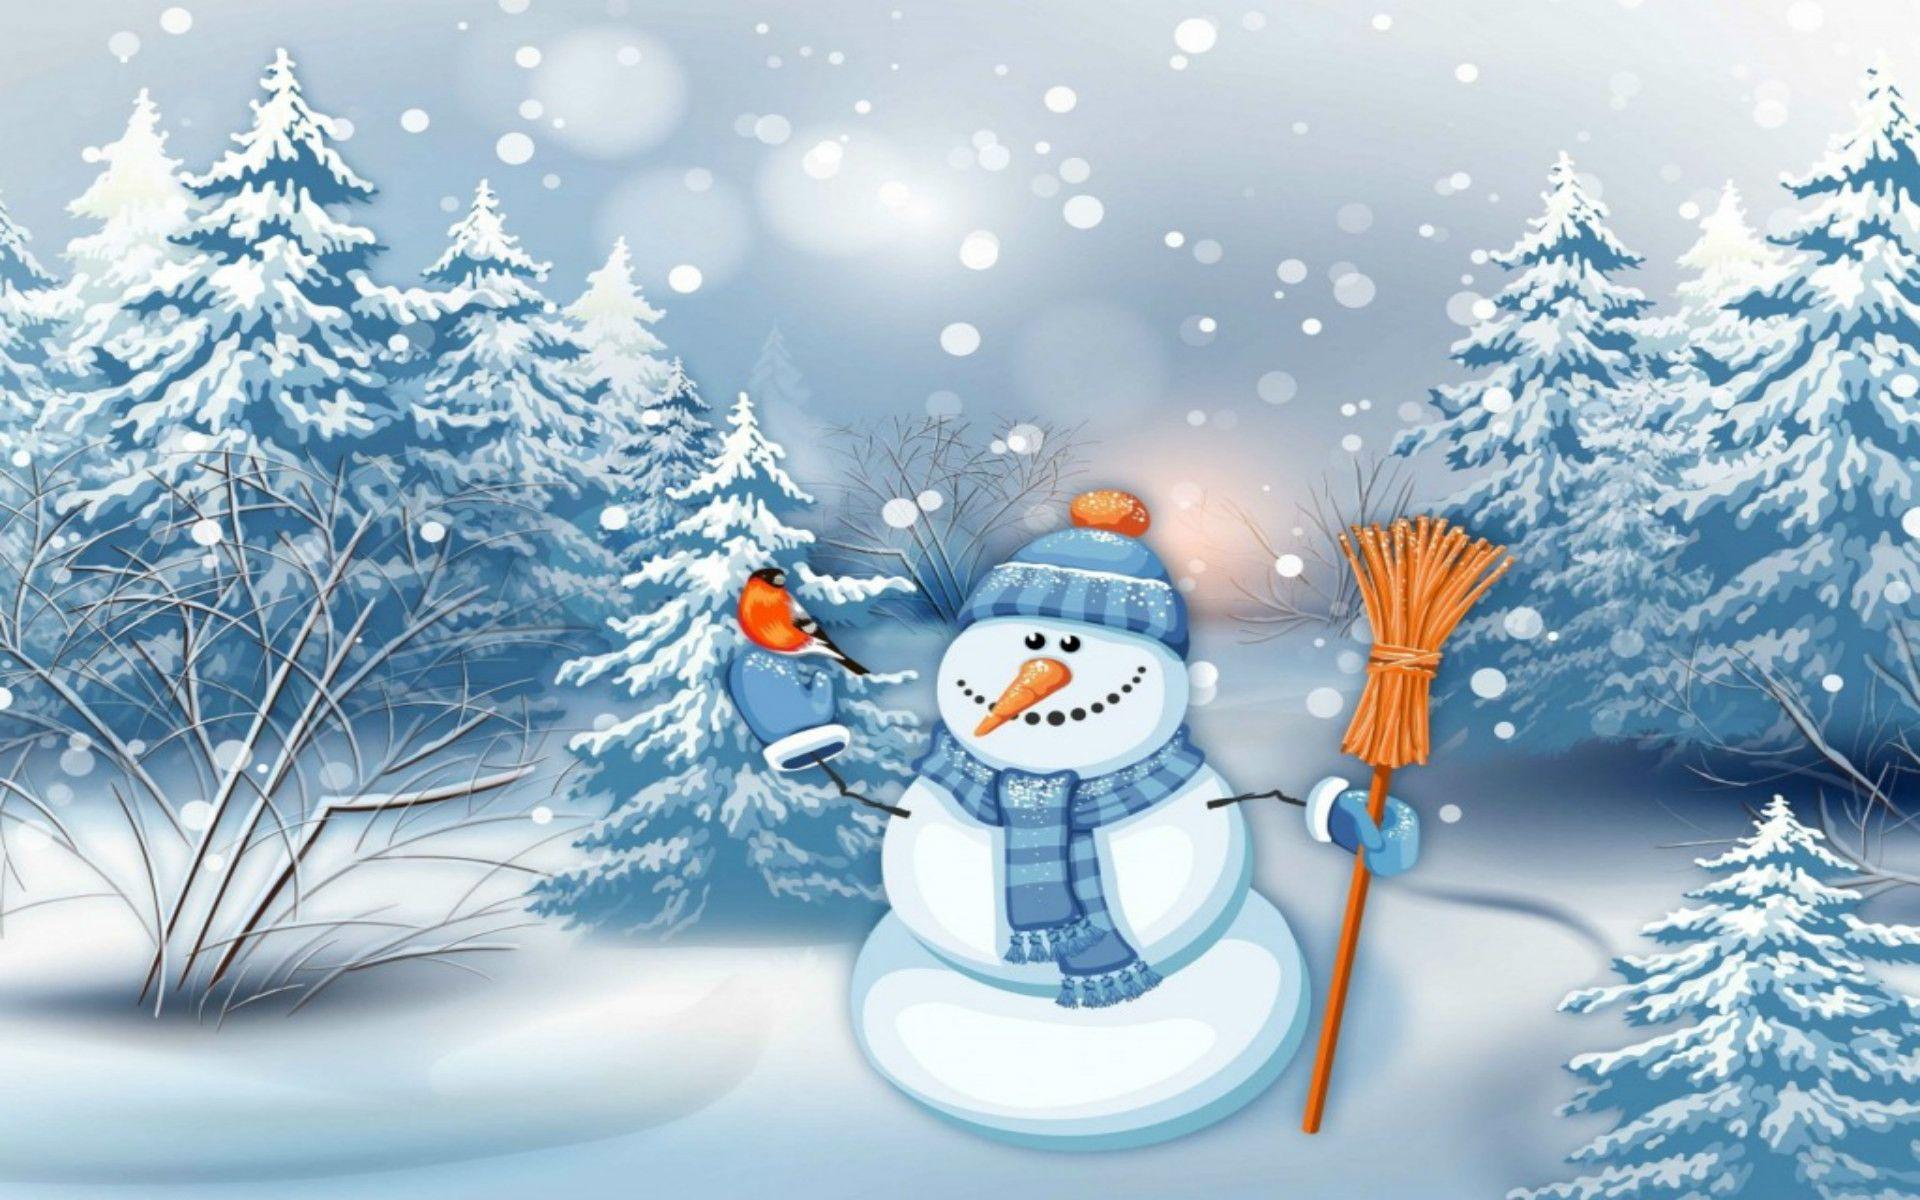 Christmas Snowman Craft Wallpaper Winter Snowman Wallpaper